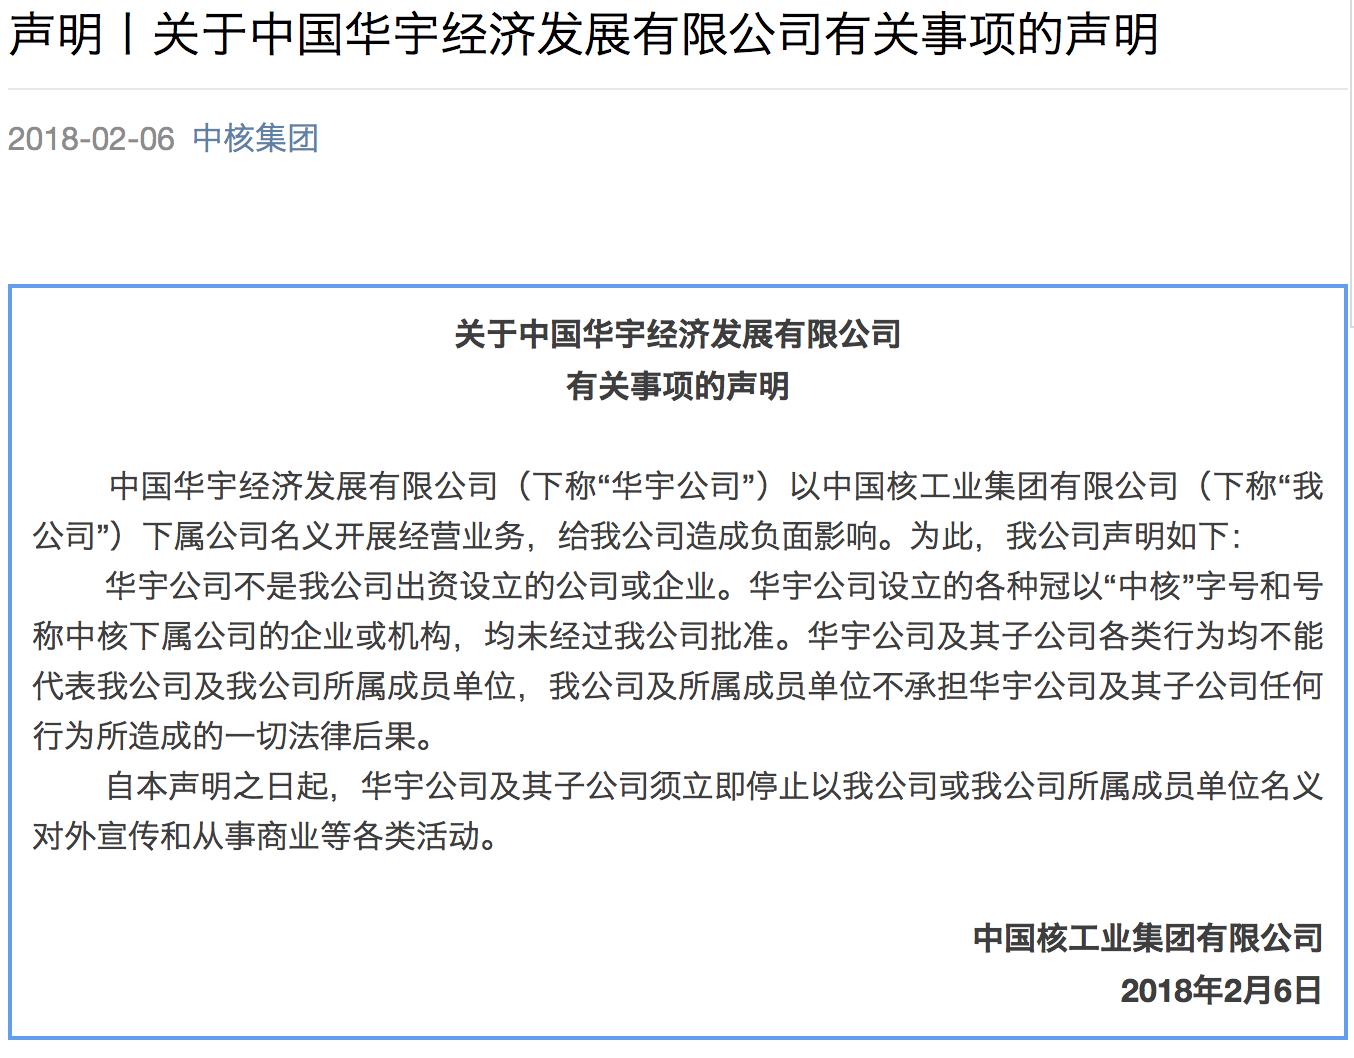 中核团体含糊出资创制华夏华宇 波及四家P2P平台